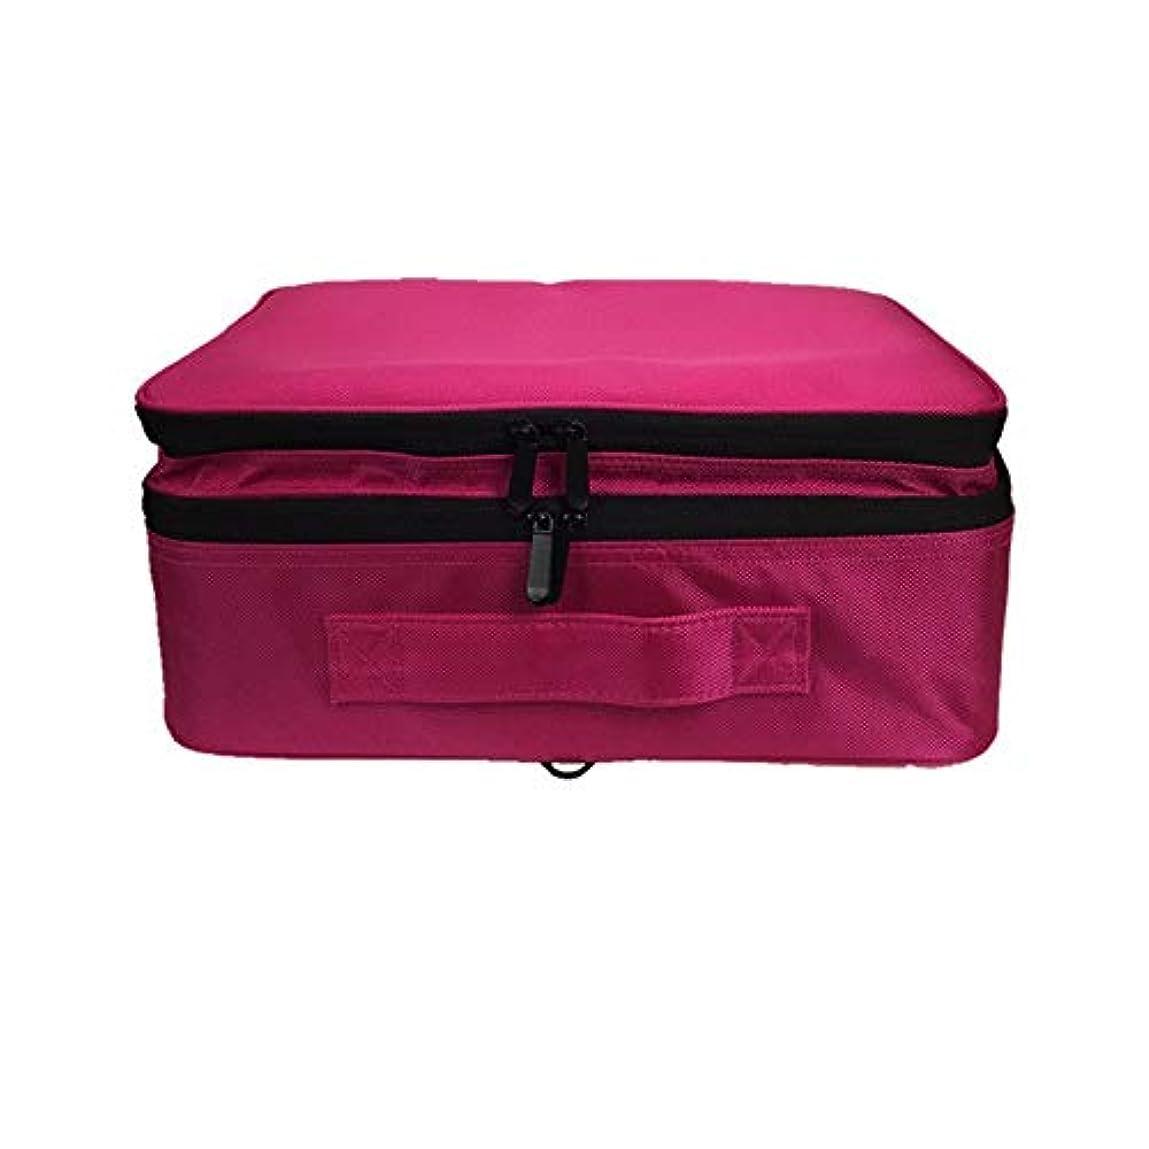 ドキドキ精神医学付録特大スペース収納ビューティーボックス 女の子の女性旅行のための新しく、実用的な携帯用化粧箱およびロックおよび皿が付いている毎日の貯蔵 化粧品化粧台 (色 : 赤)